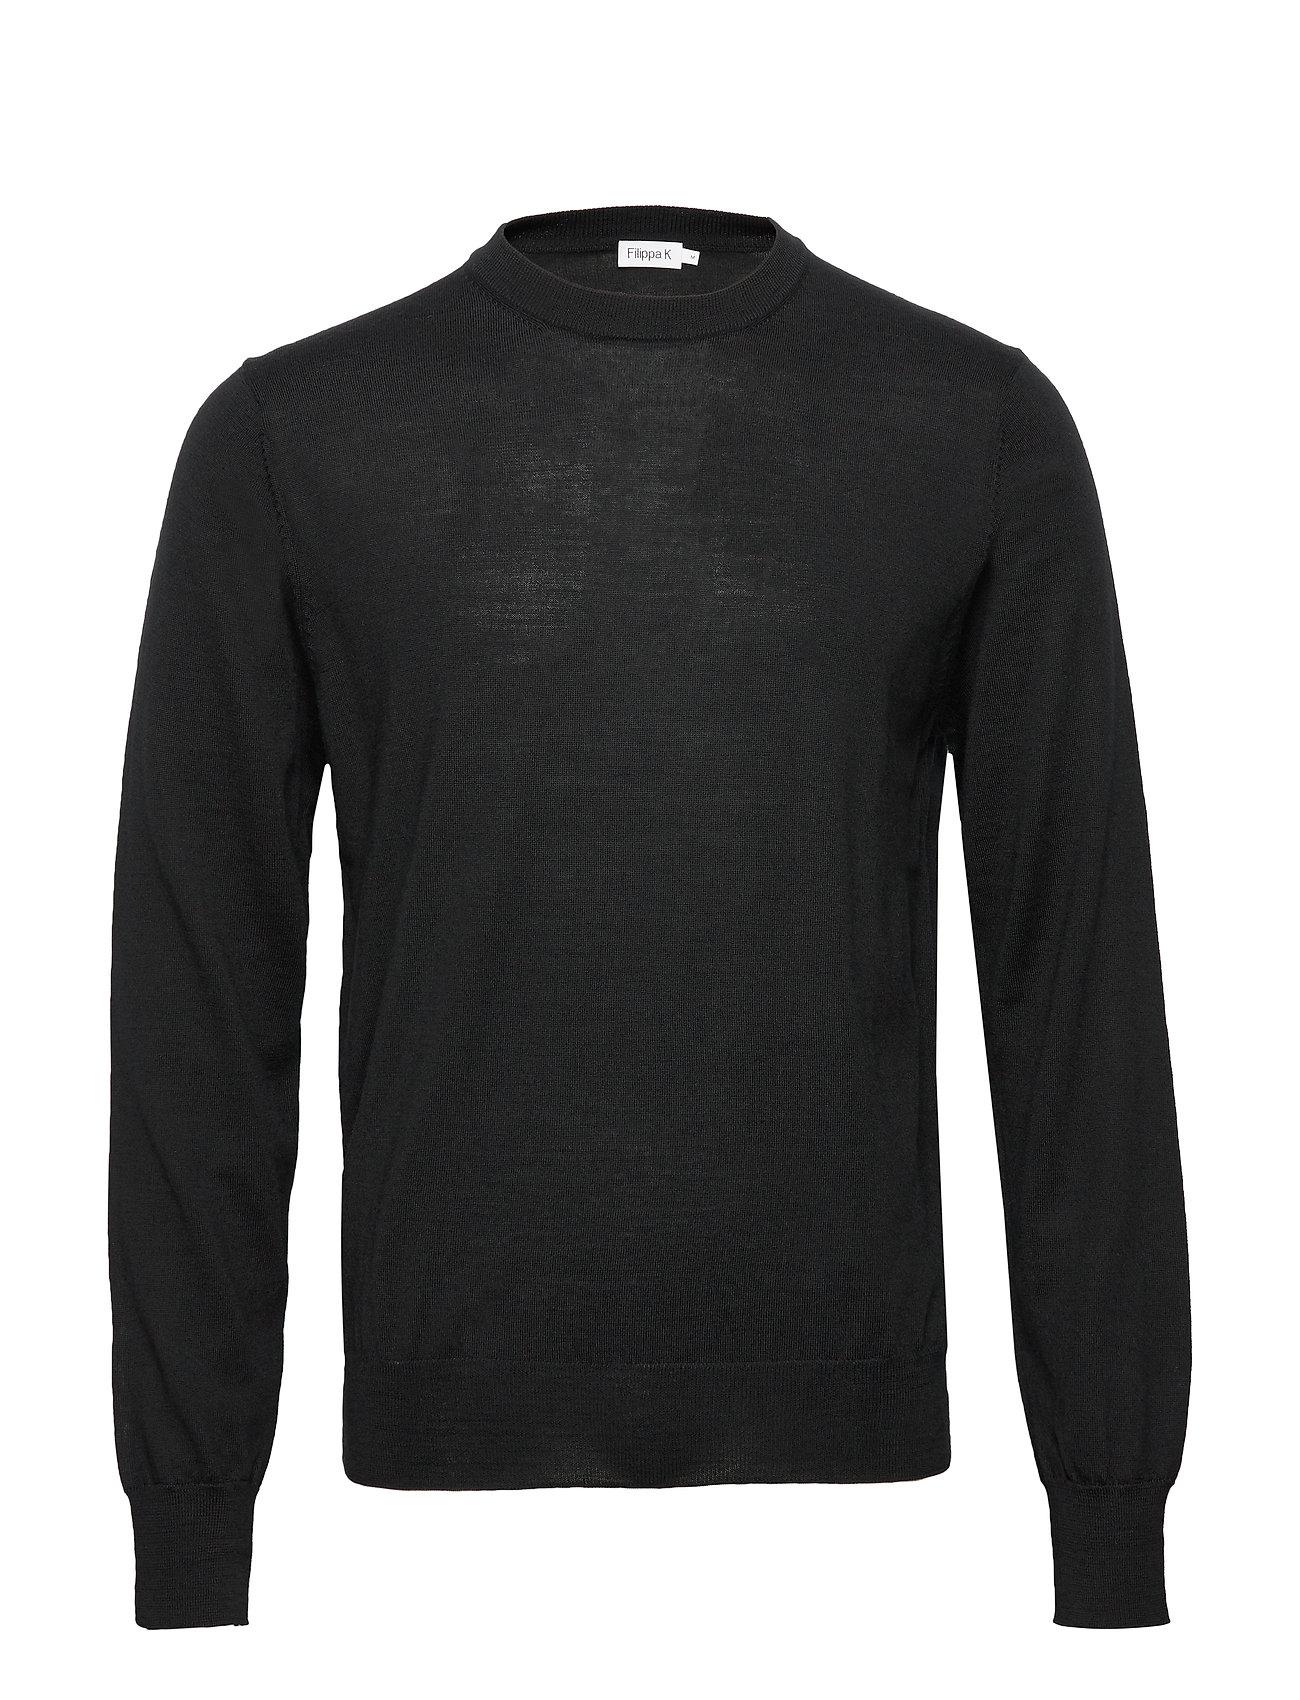 Filippa K M. Merino Sweater - BLACK